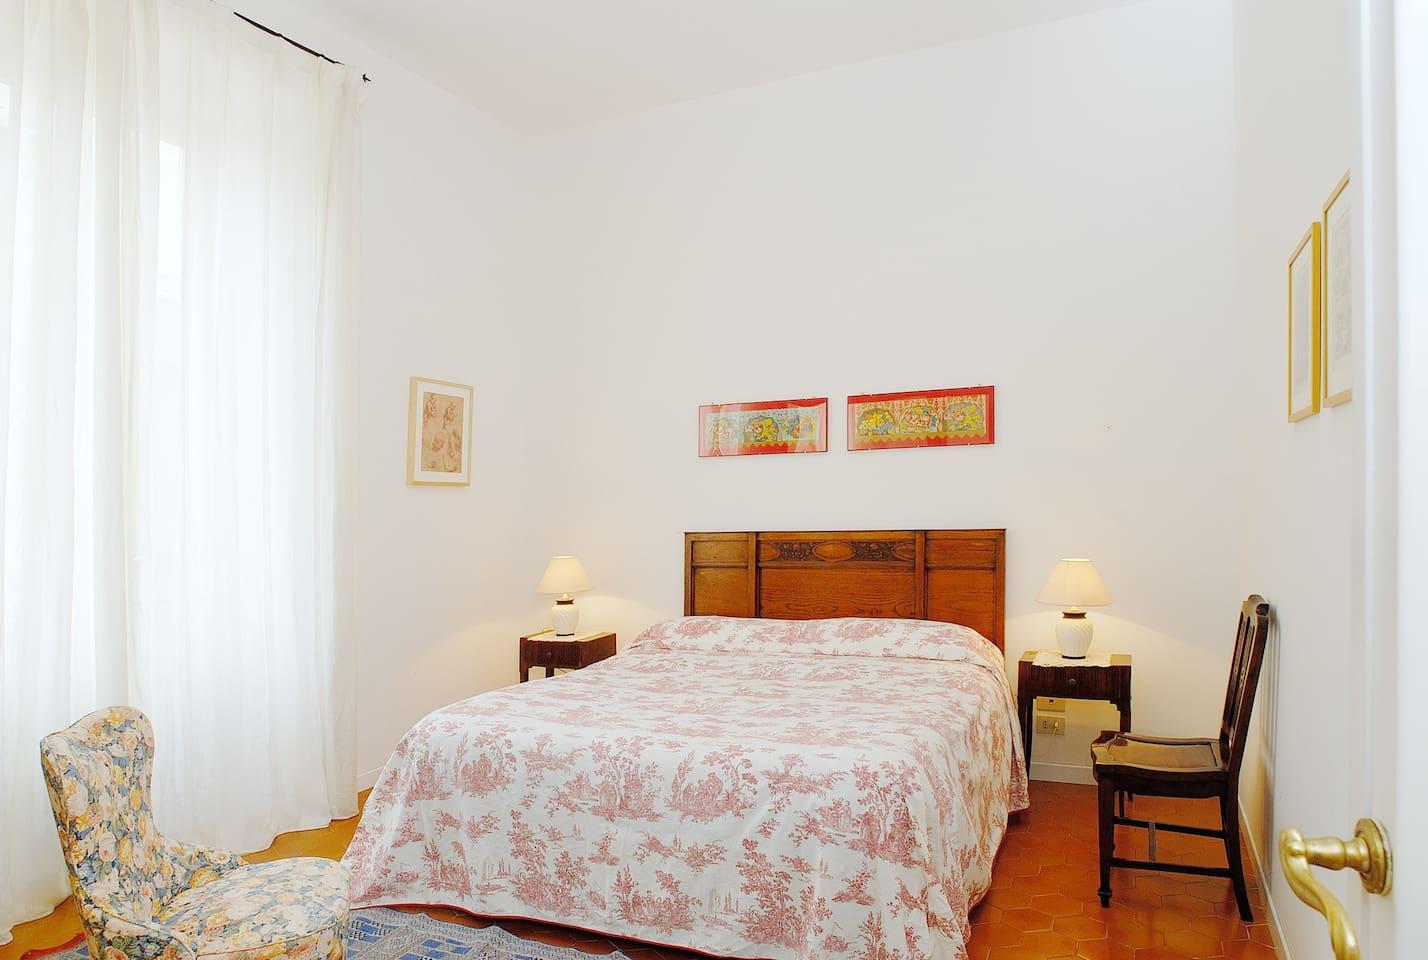 First master bedroomzzb bvcccmcmdbs..mmmmmm??..........NBBJBBUV